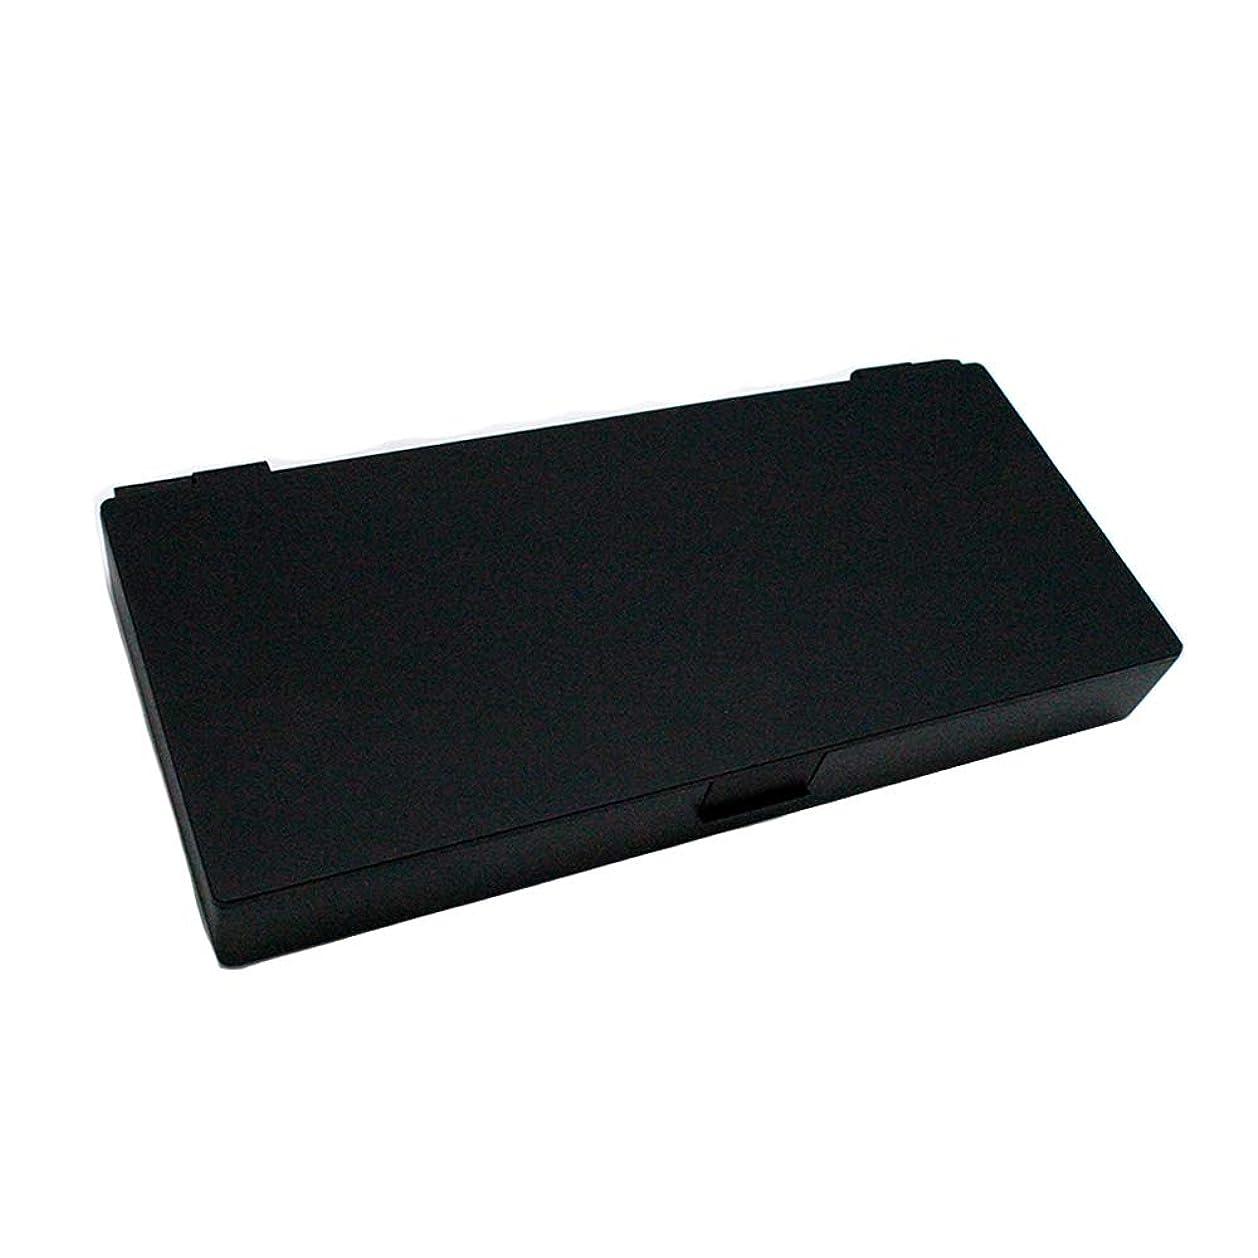 到着する買う国アップスタイリングシステムボックス (ブラック) ノンスリップ ヘアピン ケース コスメボックス メイクボックス メークボックス メイクケース メークケース